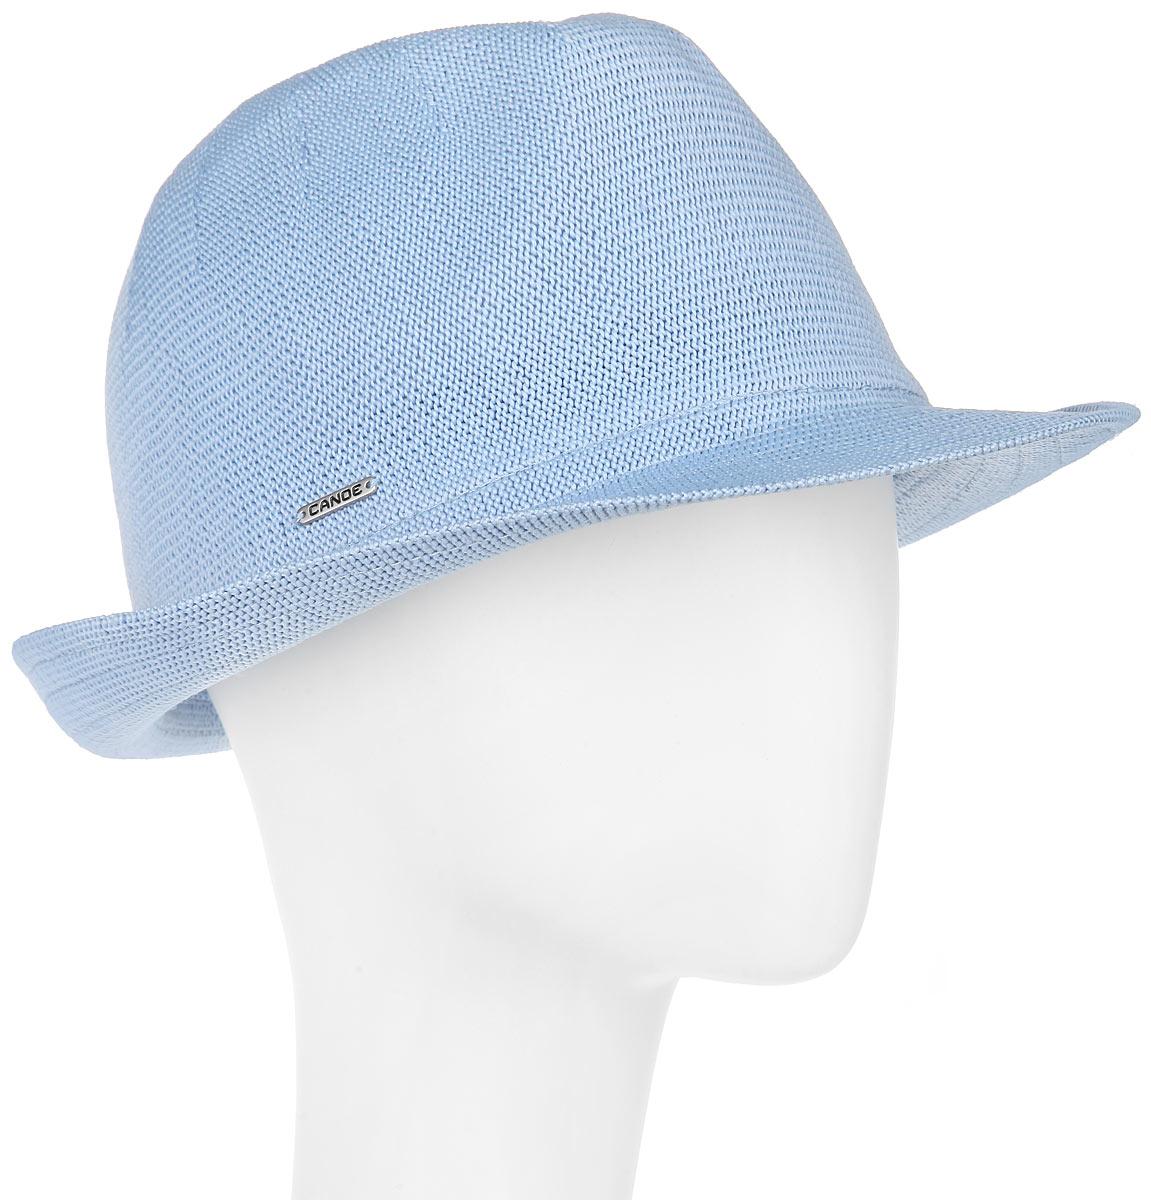 Шляпа Canoe Puerto-Rico, цвет: голубой. 1967284. Размер 58/591967284Модная шляпа Canoe Puerto-Rico, выполненная из полиэстера и акрила, украсит любой наряд.Шляпа оформлена небольшим металлическим логотипом фирмы. Благодаря своей форме, шляпа удобно садится по голове и подойдет к любому стилю. Она легко восстанавливает свою форму после сжатия.Такая шляпка подчеркнет вашу неповторимость и дополнит ваш повседневный образ.